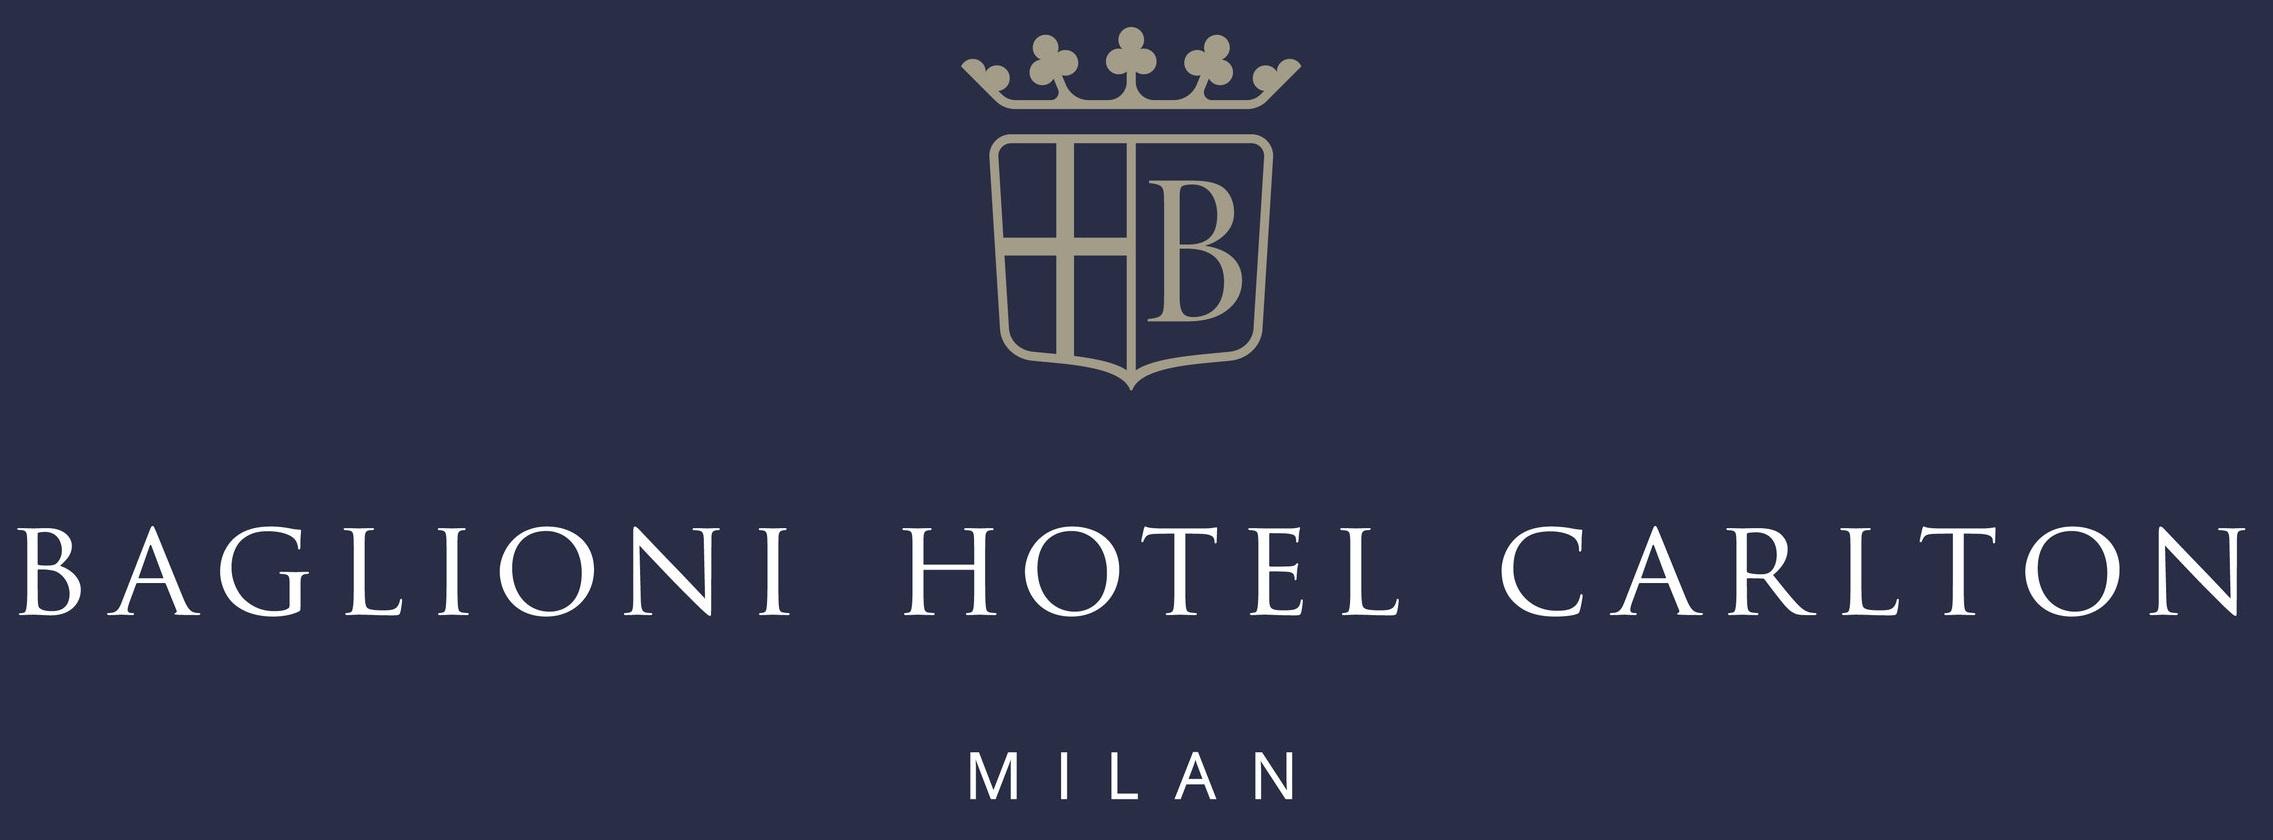 Baglioni+Hotel+Carlton+Logo.jpg